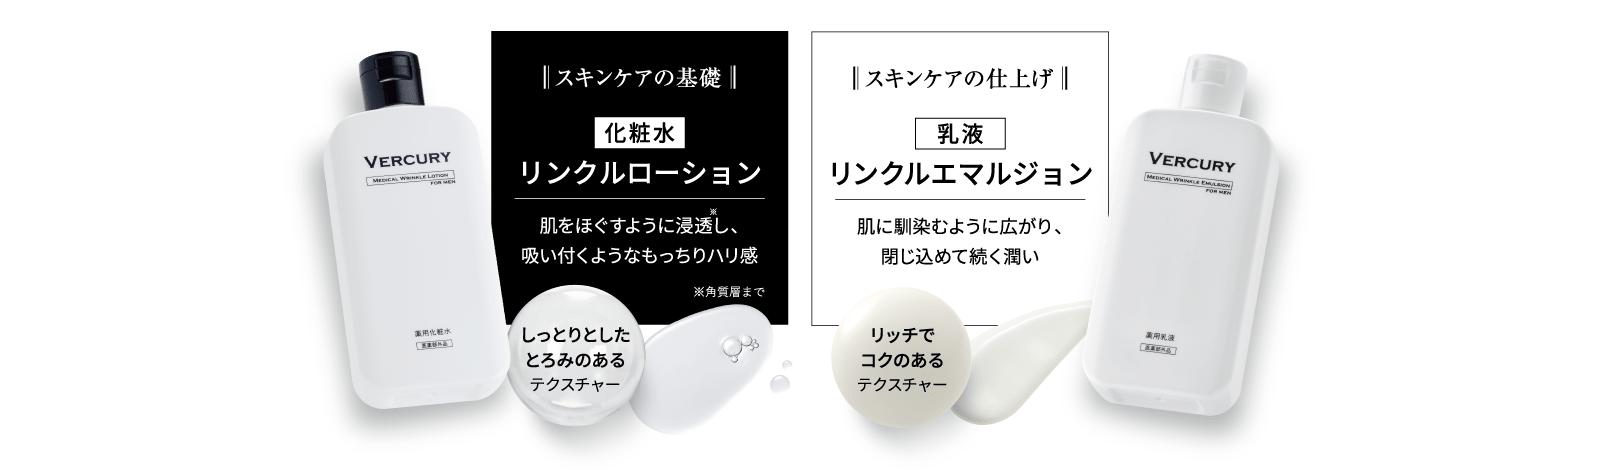 スキンケアの基礎 化粧水 リンクルローション スキンケアの仕上げ 乳液 リンクルエマルジョン